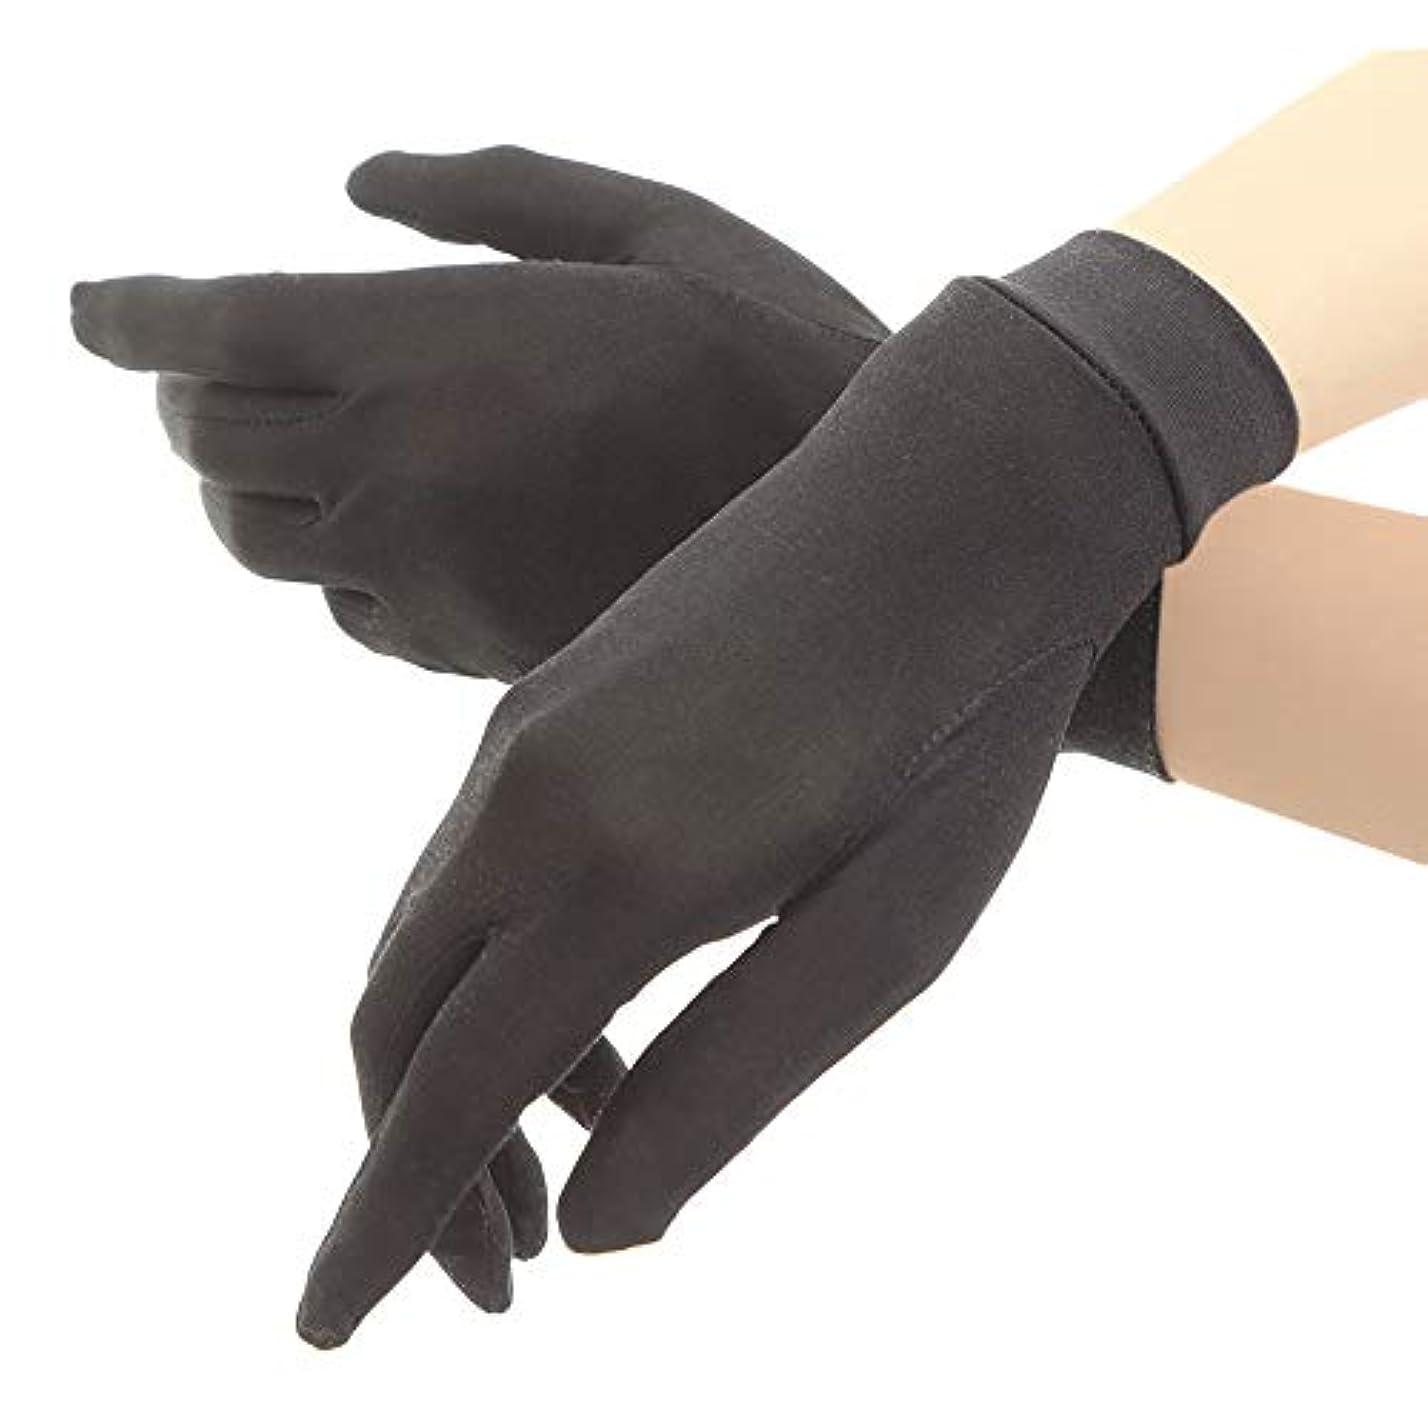 バクテリア資金宗教的なシルク手袋 レディース 手袋 シルク 絹 ハンド ケア 保湿 紫外線 肌荒れ 乾燥 サイズアップで手指にマッチ 【macch】